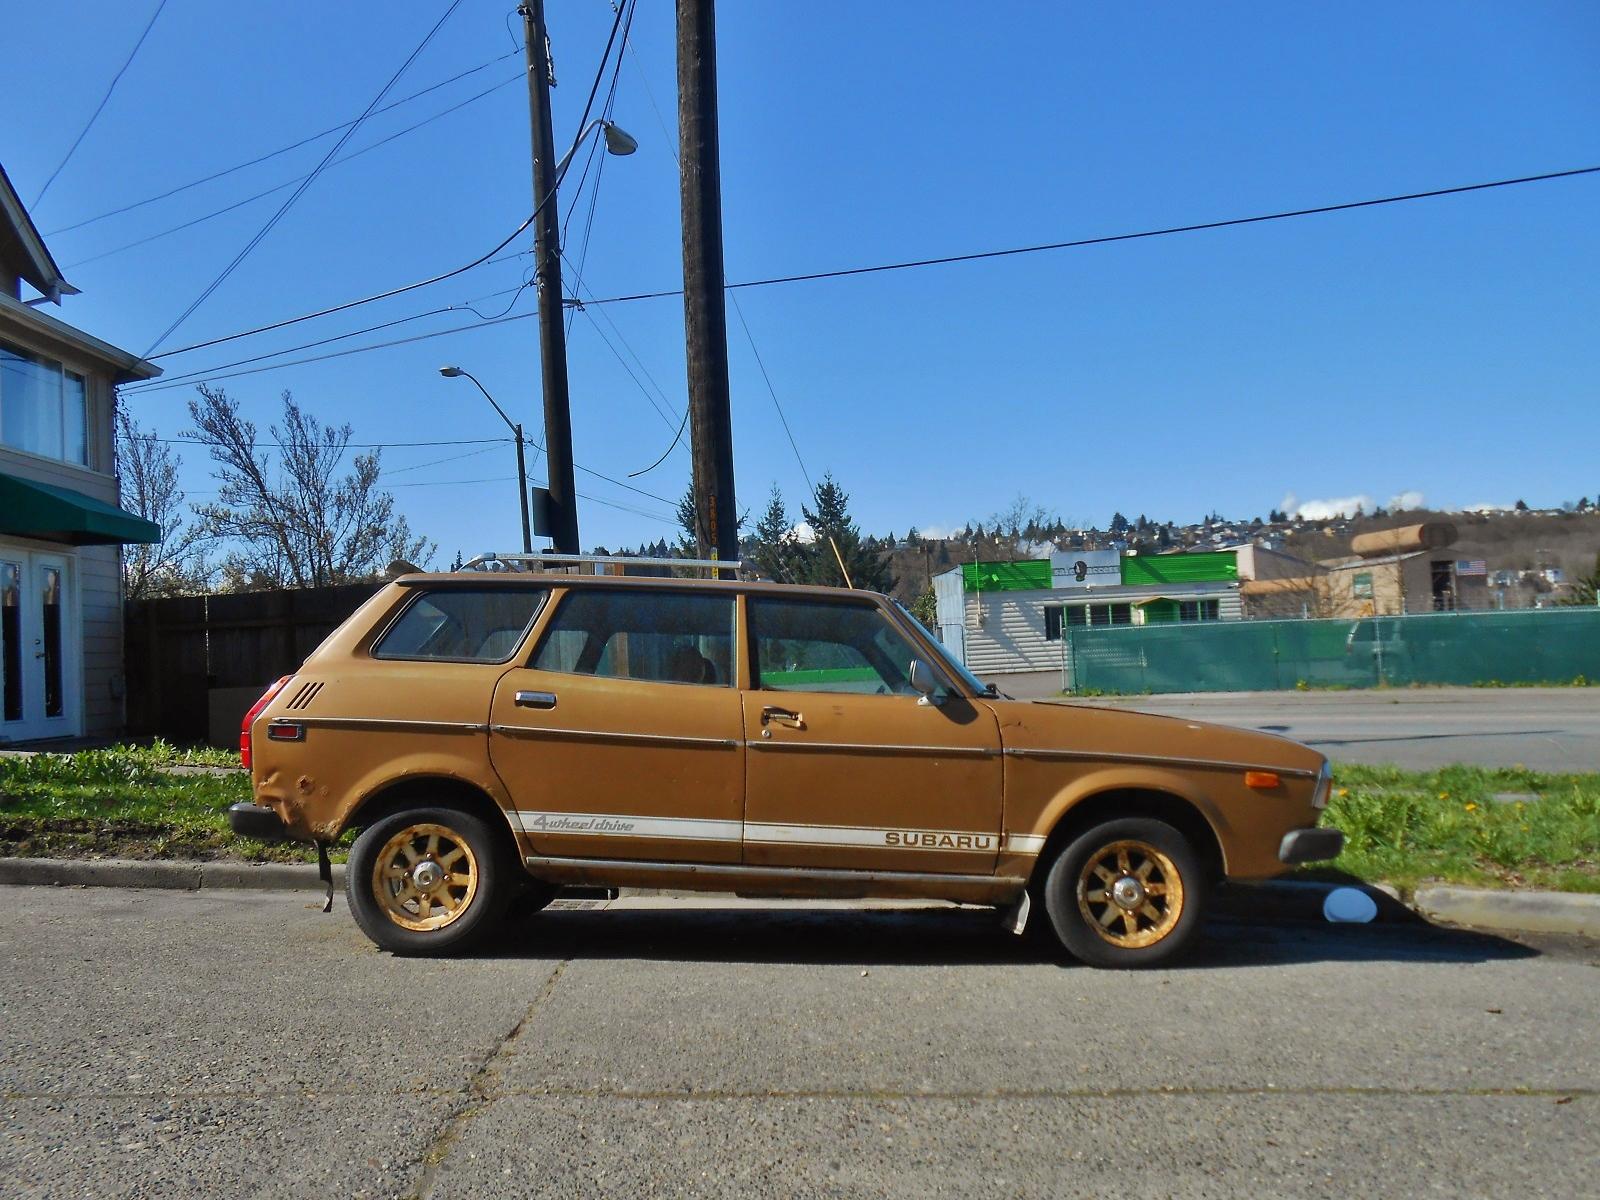 1978-Subaru-Leone-DL-GL-4WD-Station-Wago